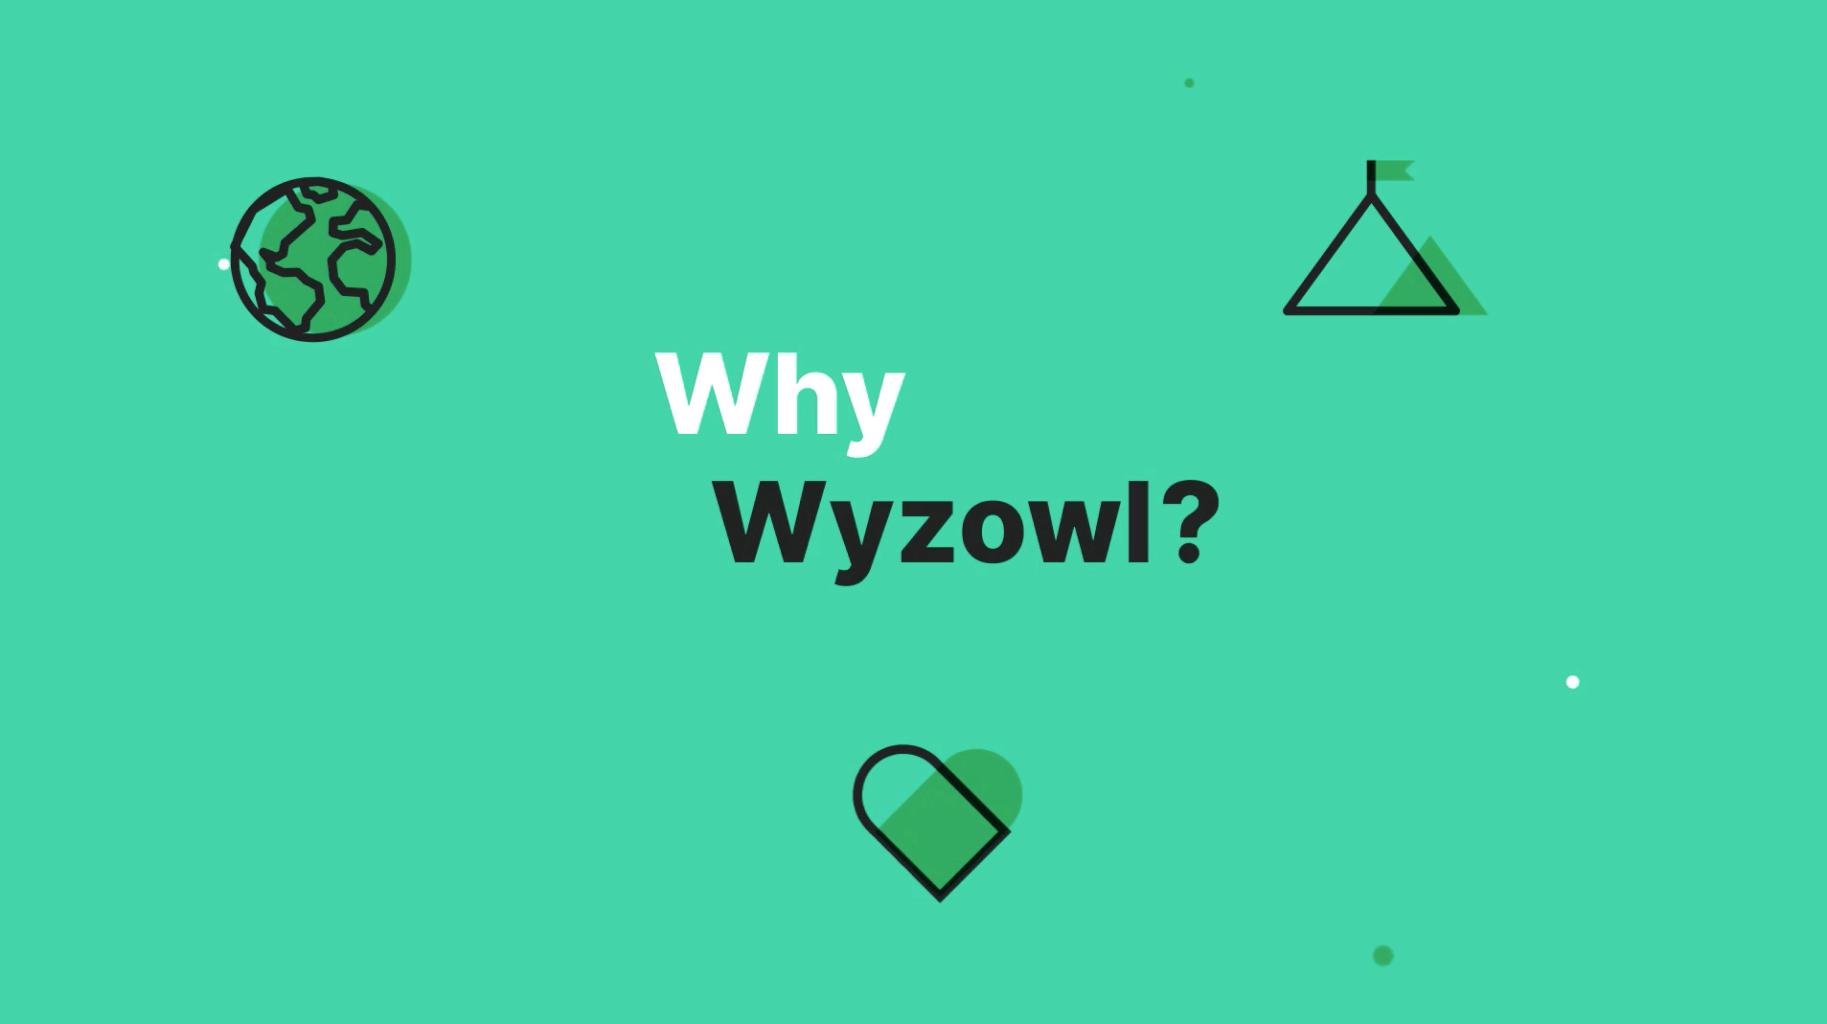 Why Wyzowl?